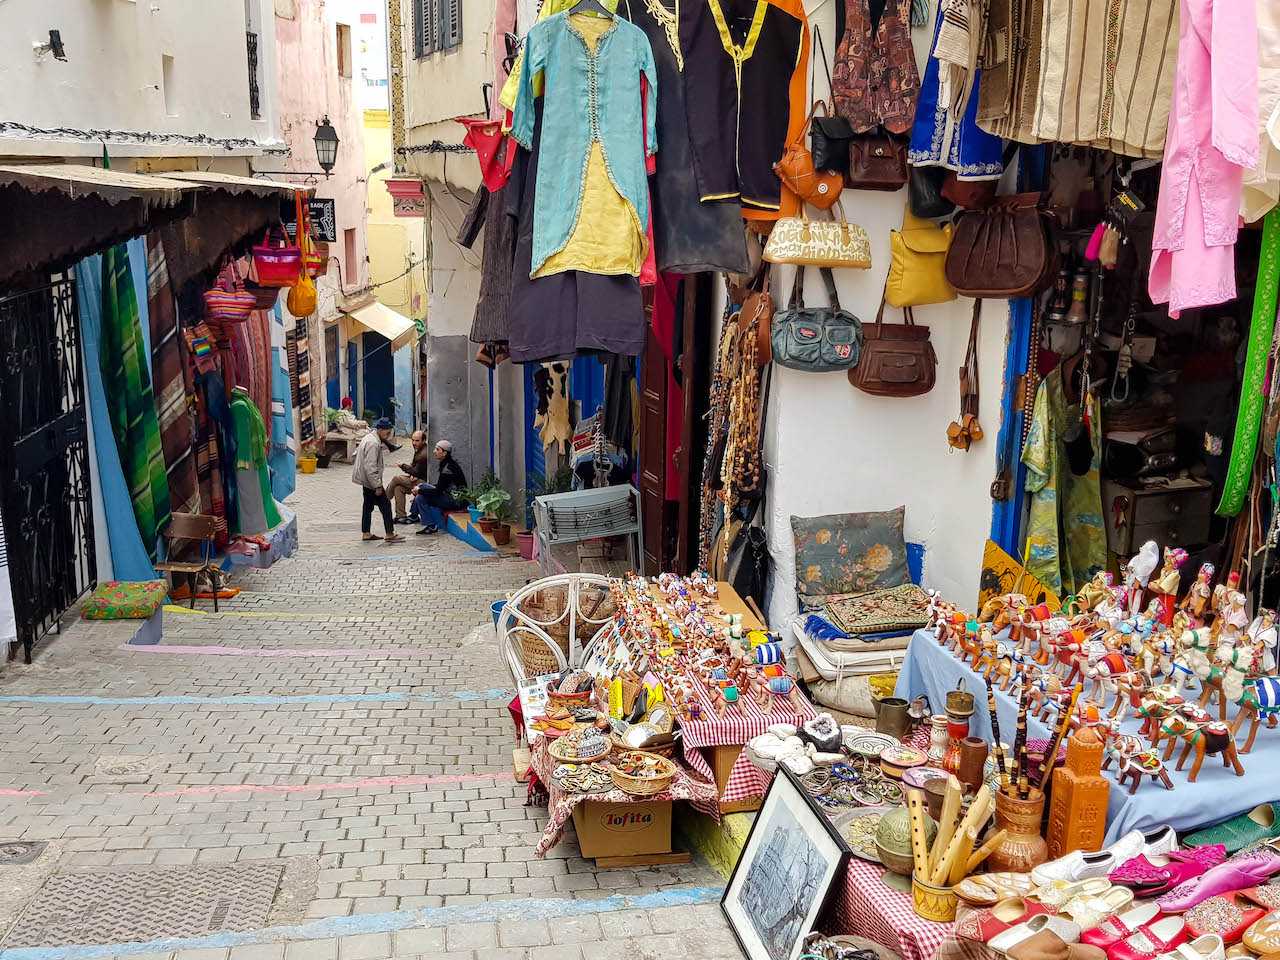 Strasse im Souk von Tanger.